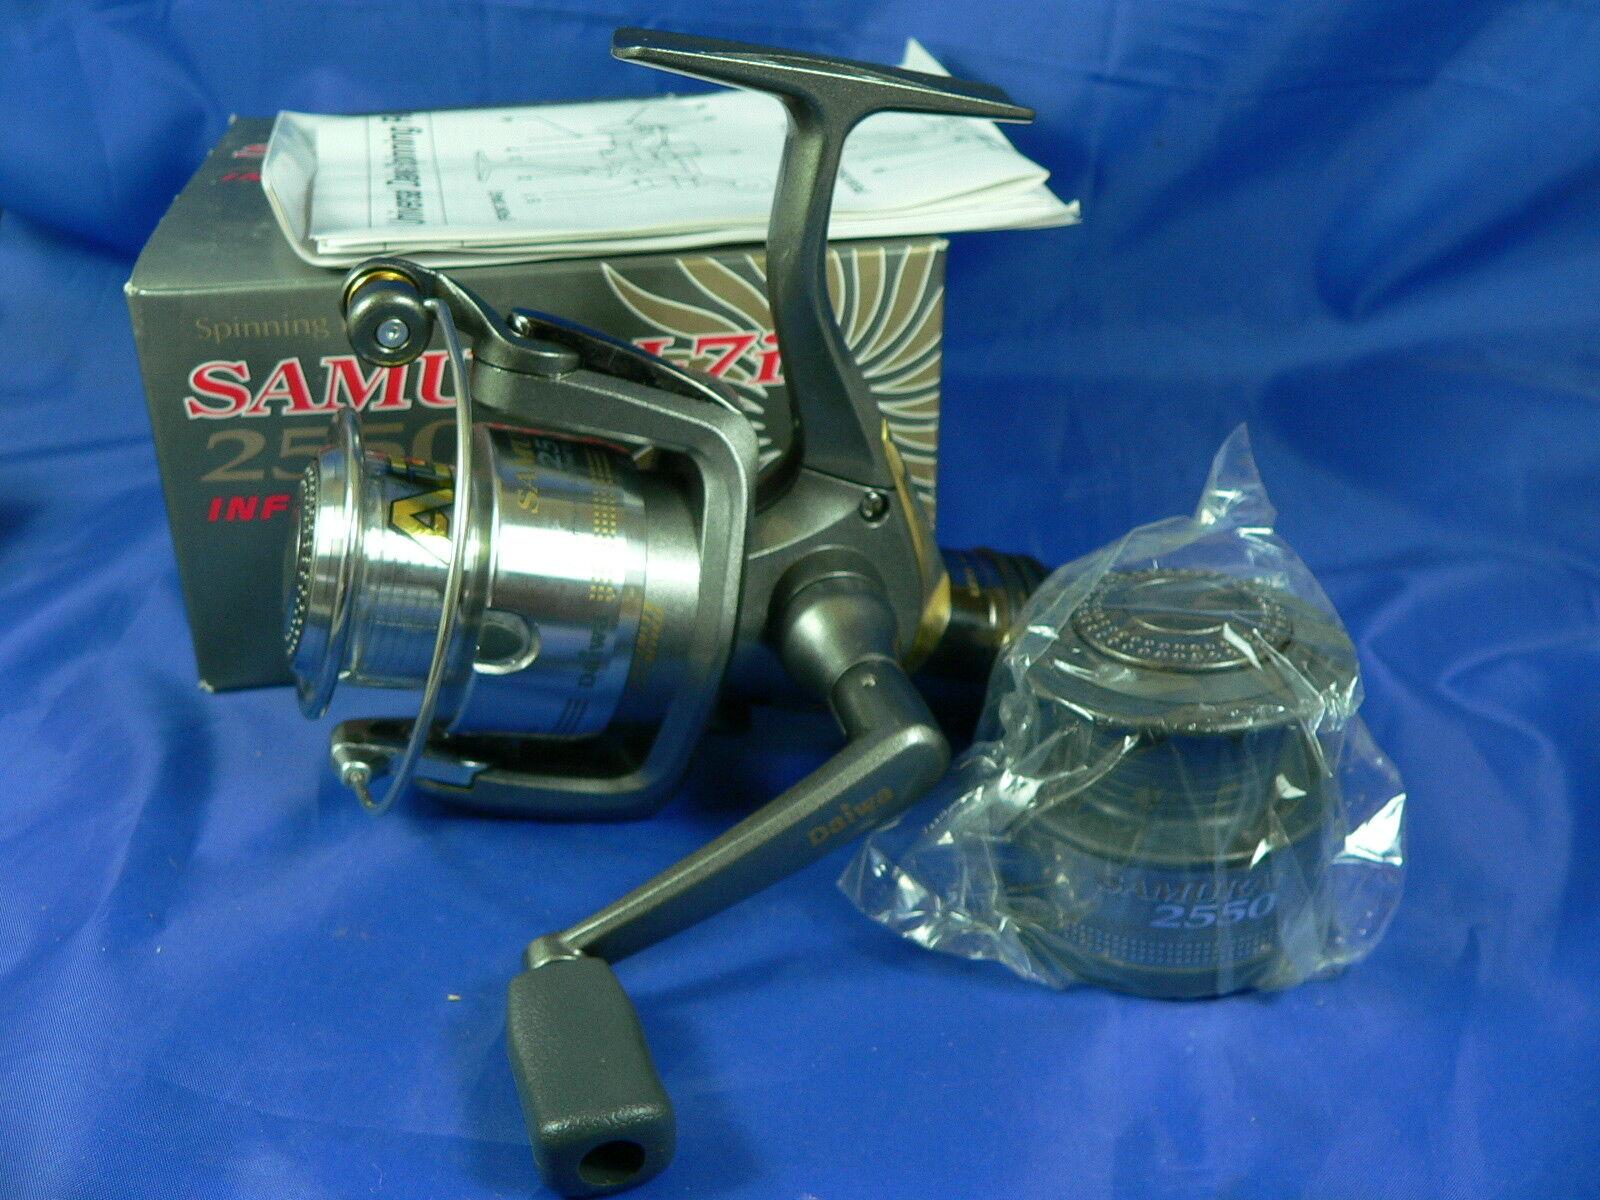 Mulinello Mulinello Mulinello Daiwa Samurai-7i 2550, spinning, pesca bolognese, pesca mare, fiume c3291d